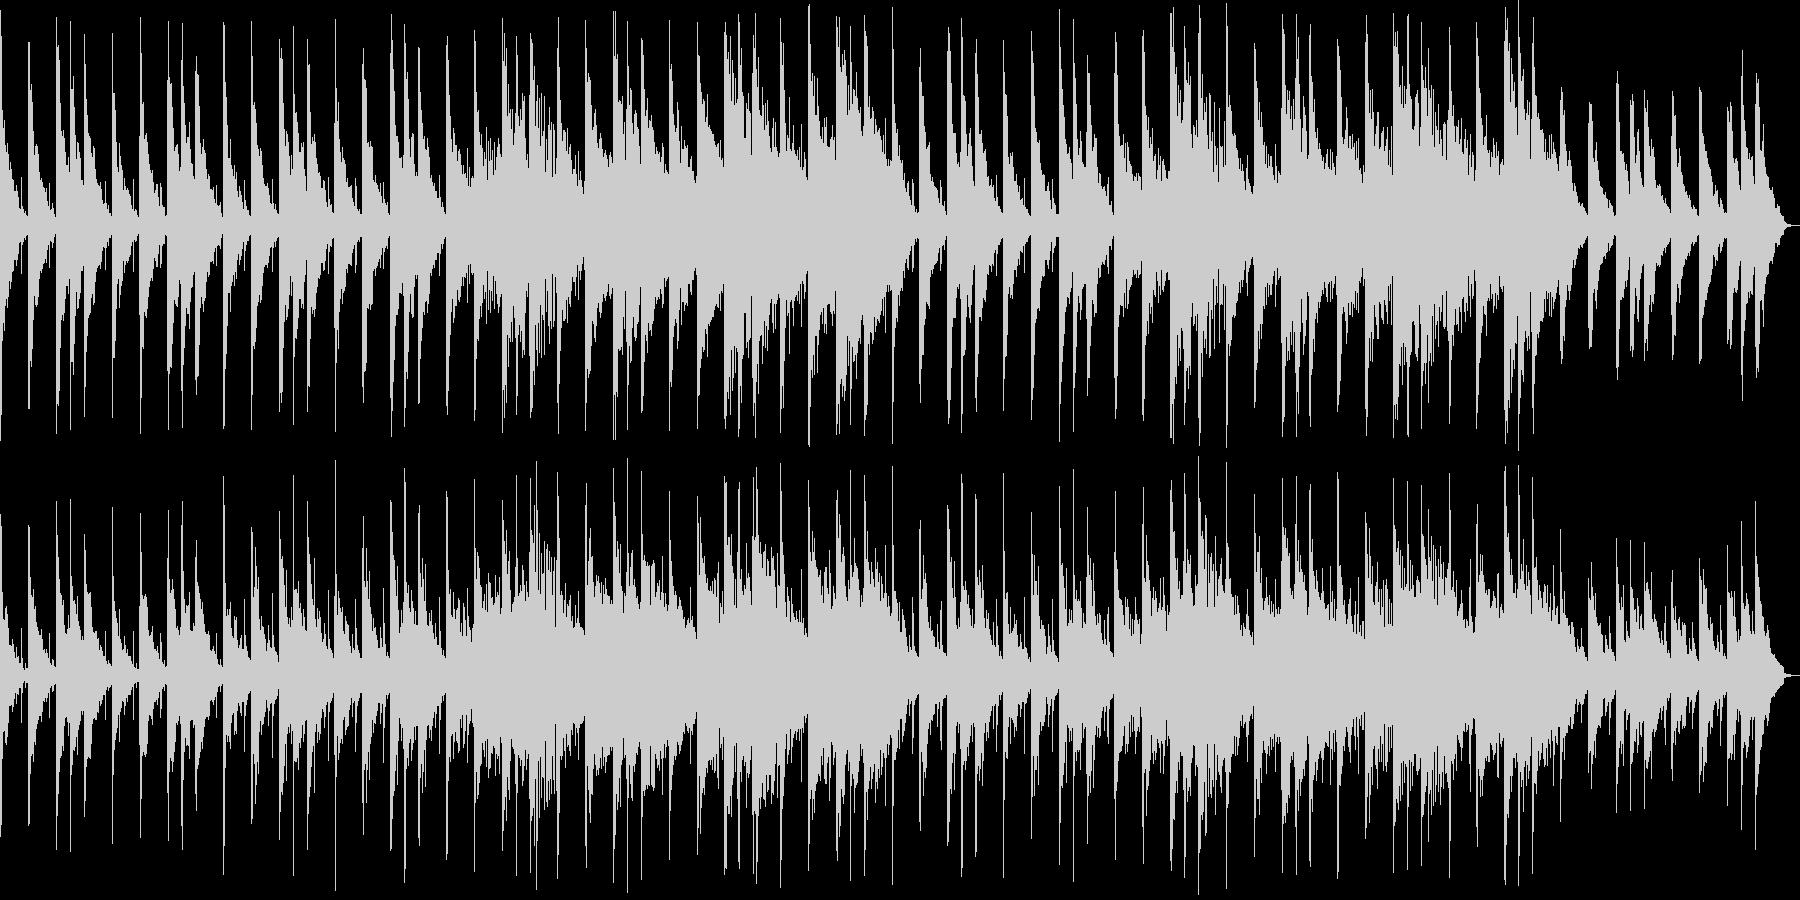 優しい印象のシンセサイザーサウンドの未再生の波形